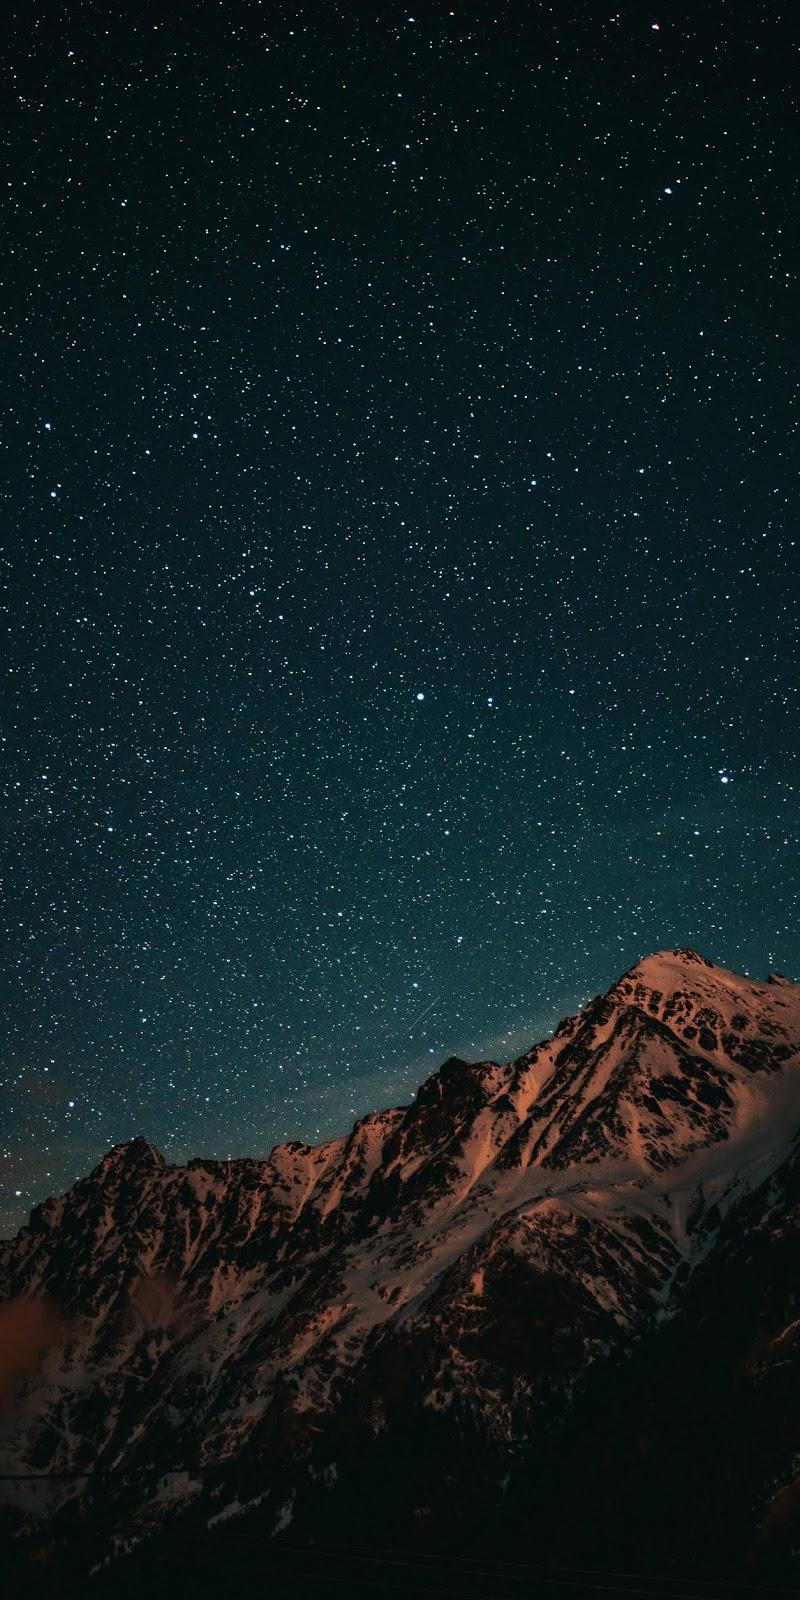 Mountain night sky